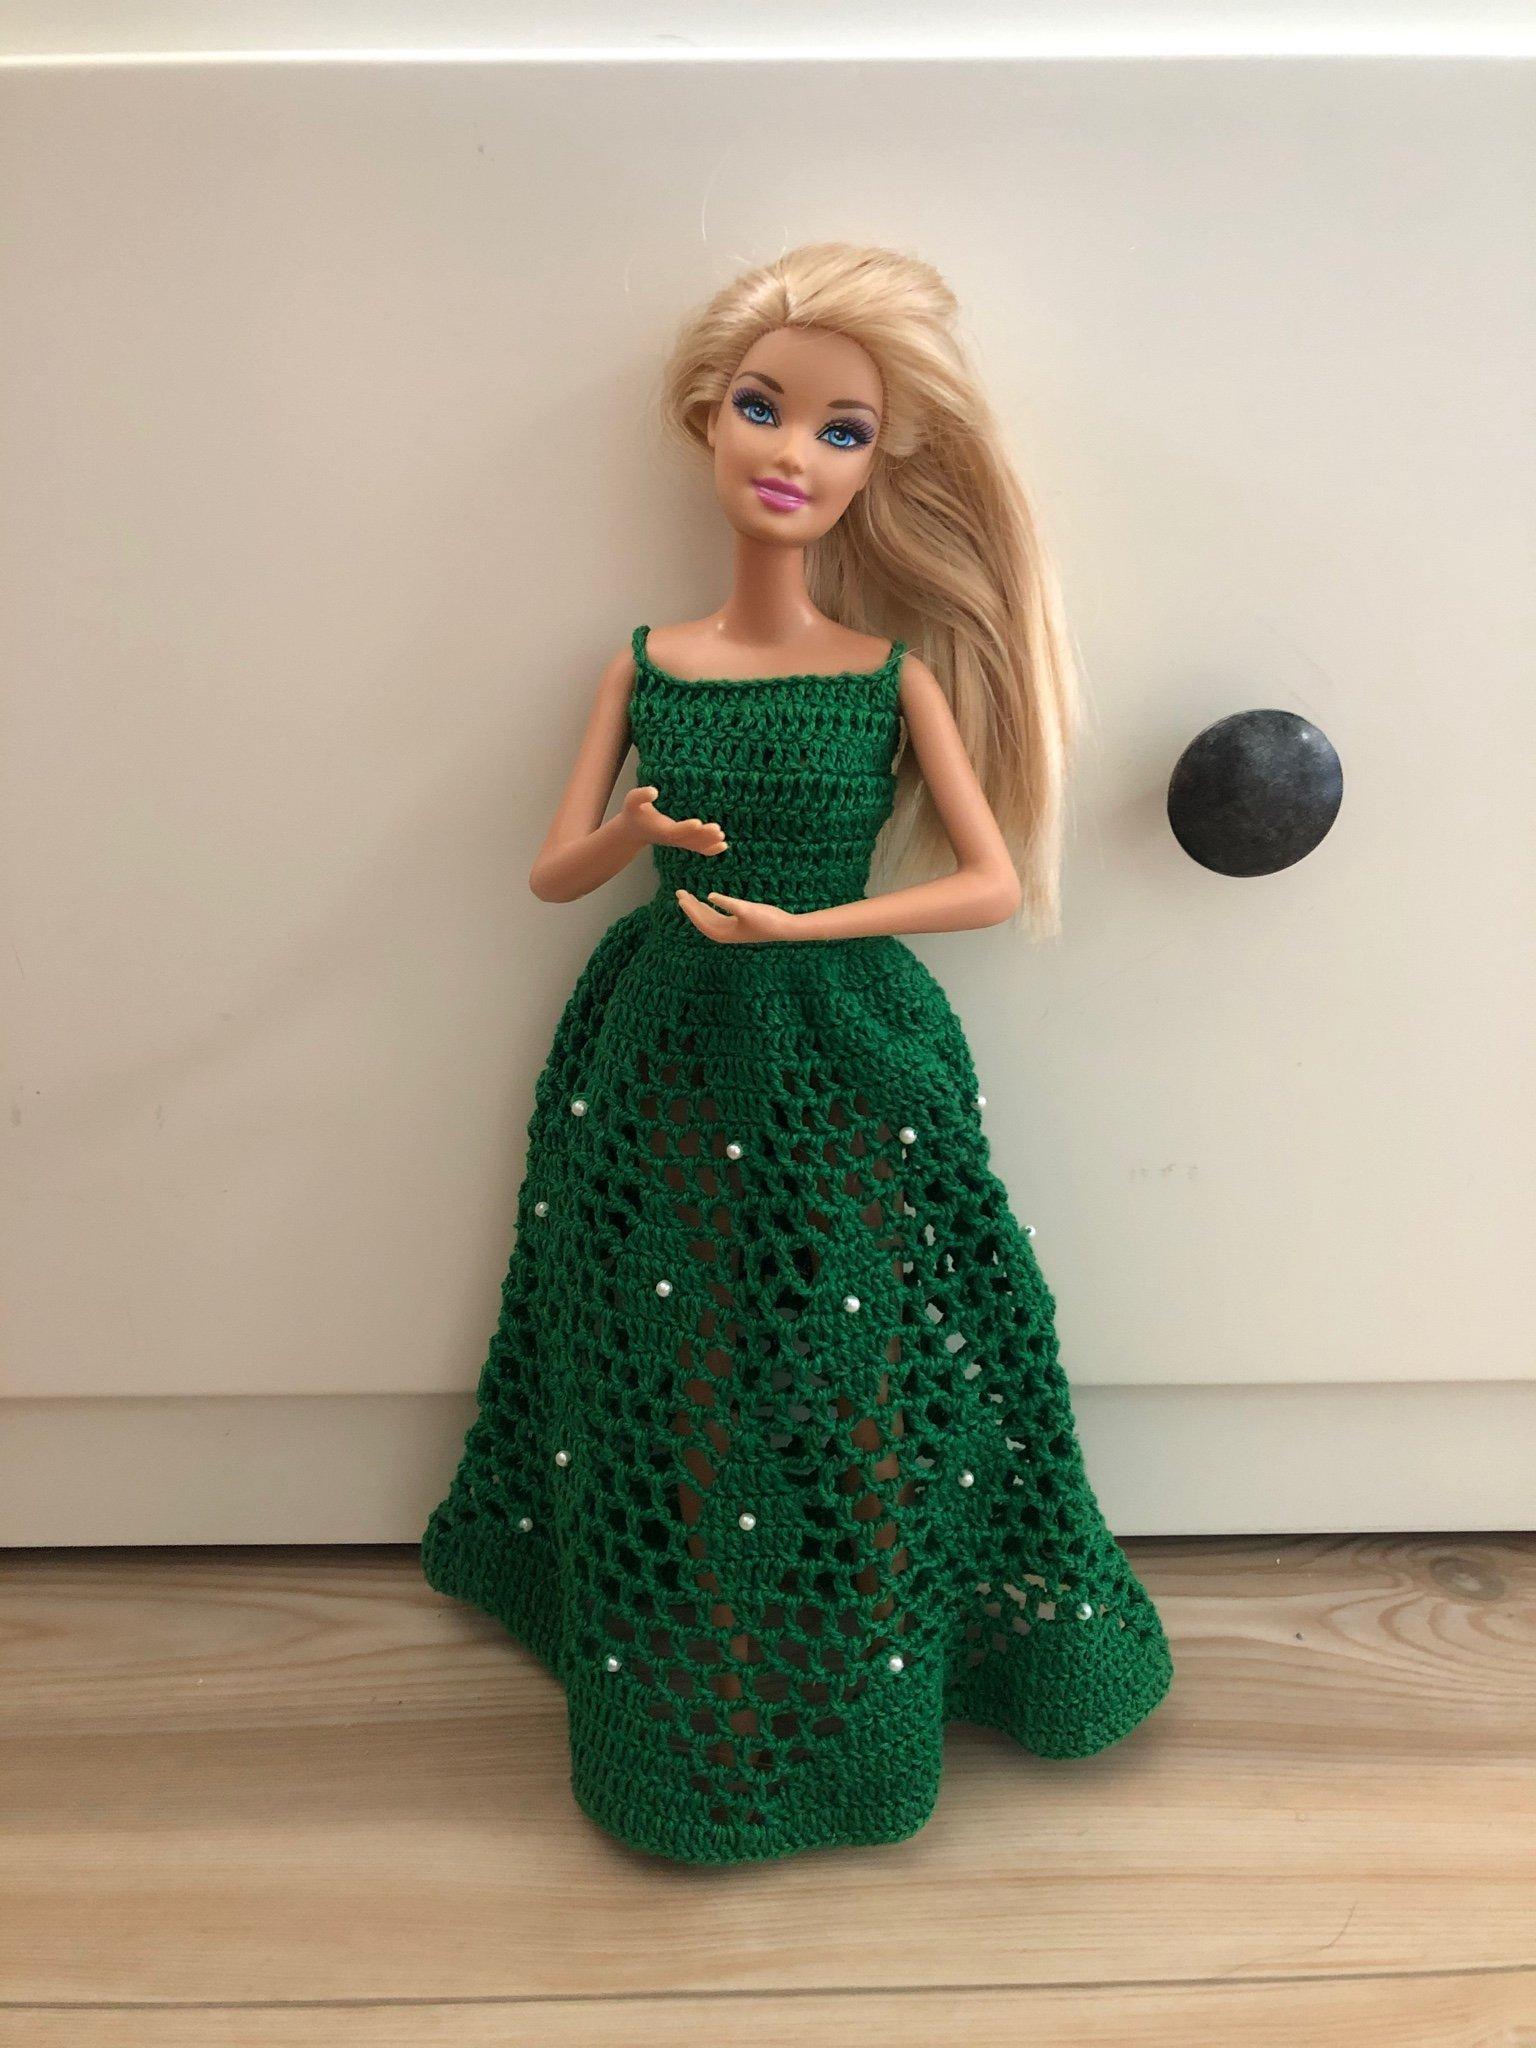 Superfin virkad klänning som passar Barbie (403350974) ᐈ